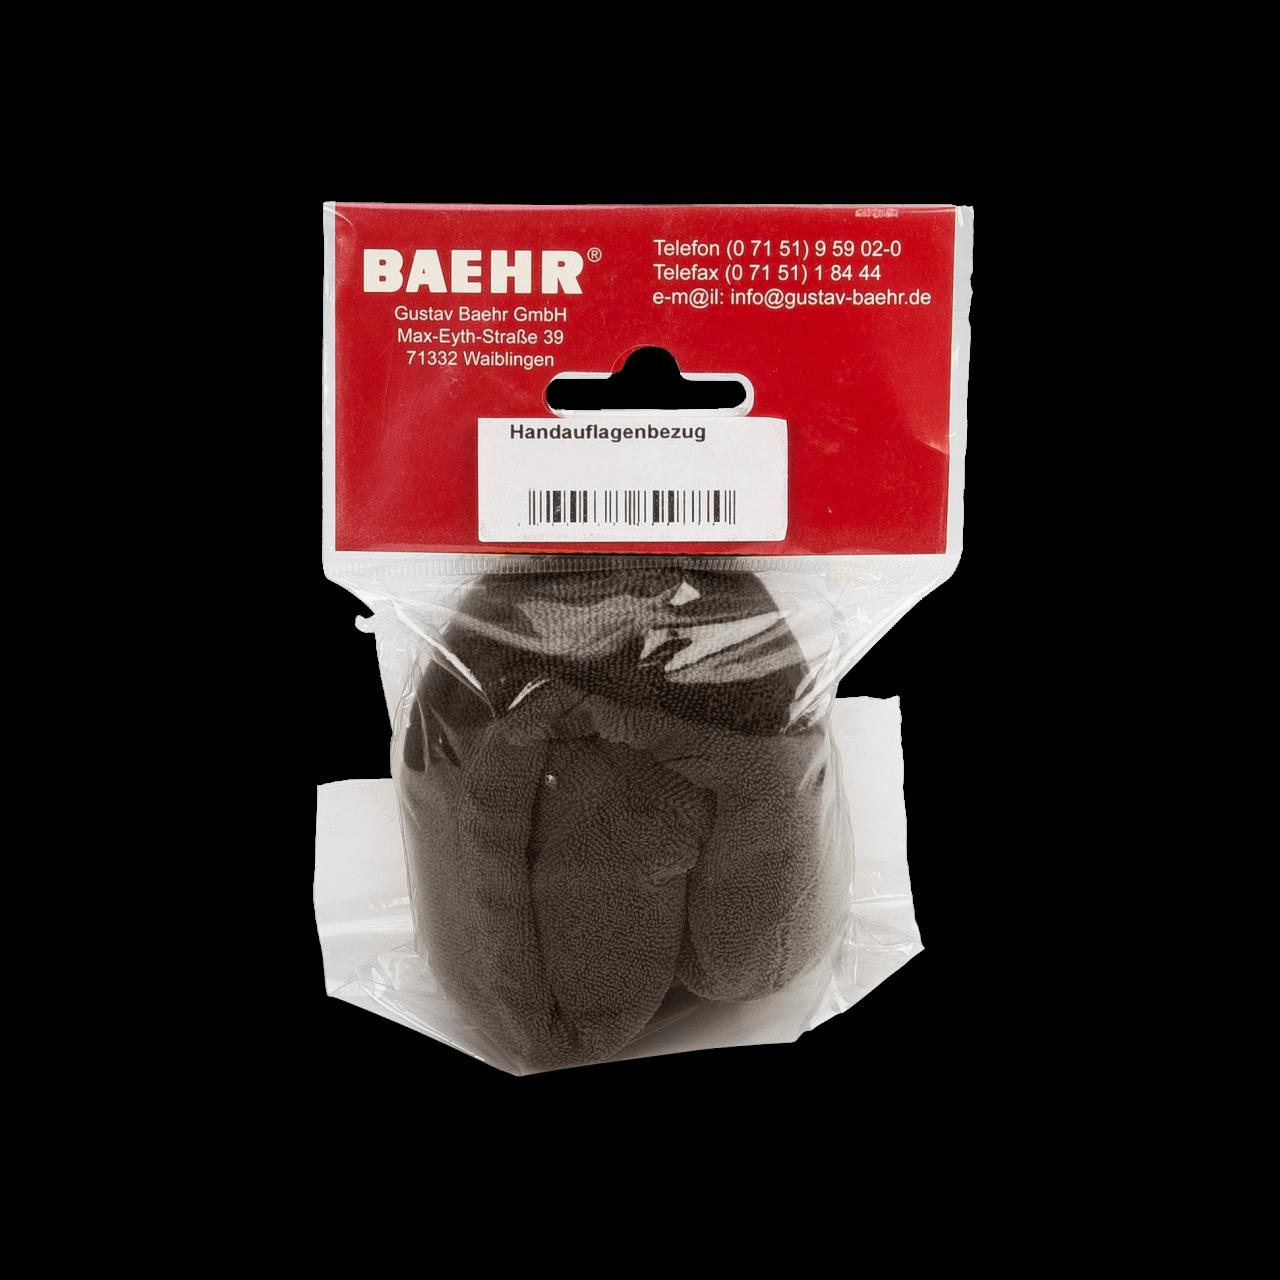 Bezug für Nackenunterlage/Handauflage (zu Art. 16002), ebenholz